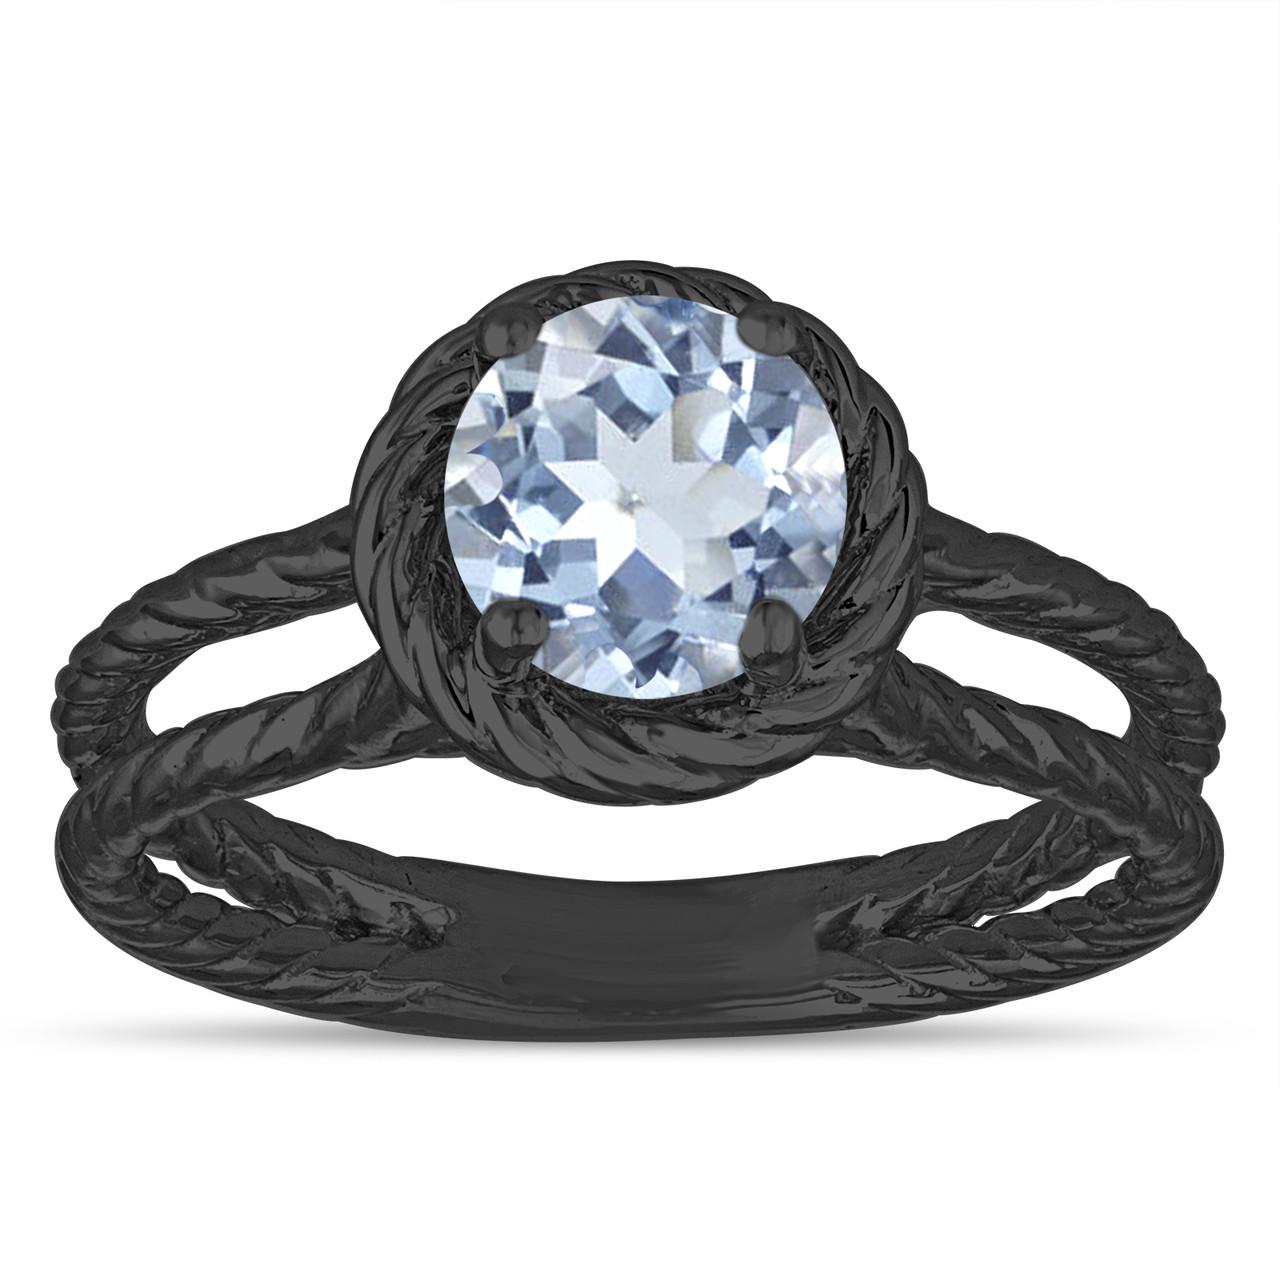 Blue Aquamarine Solitaire Engagement Ring Rope Design Wedding Ring